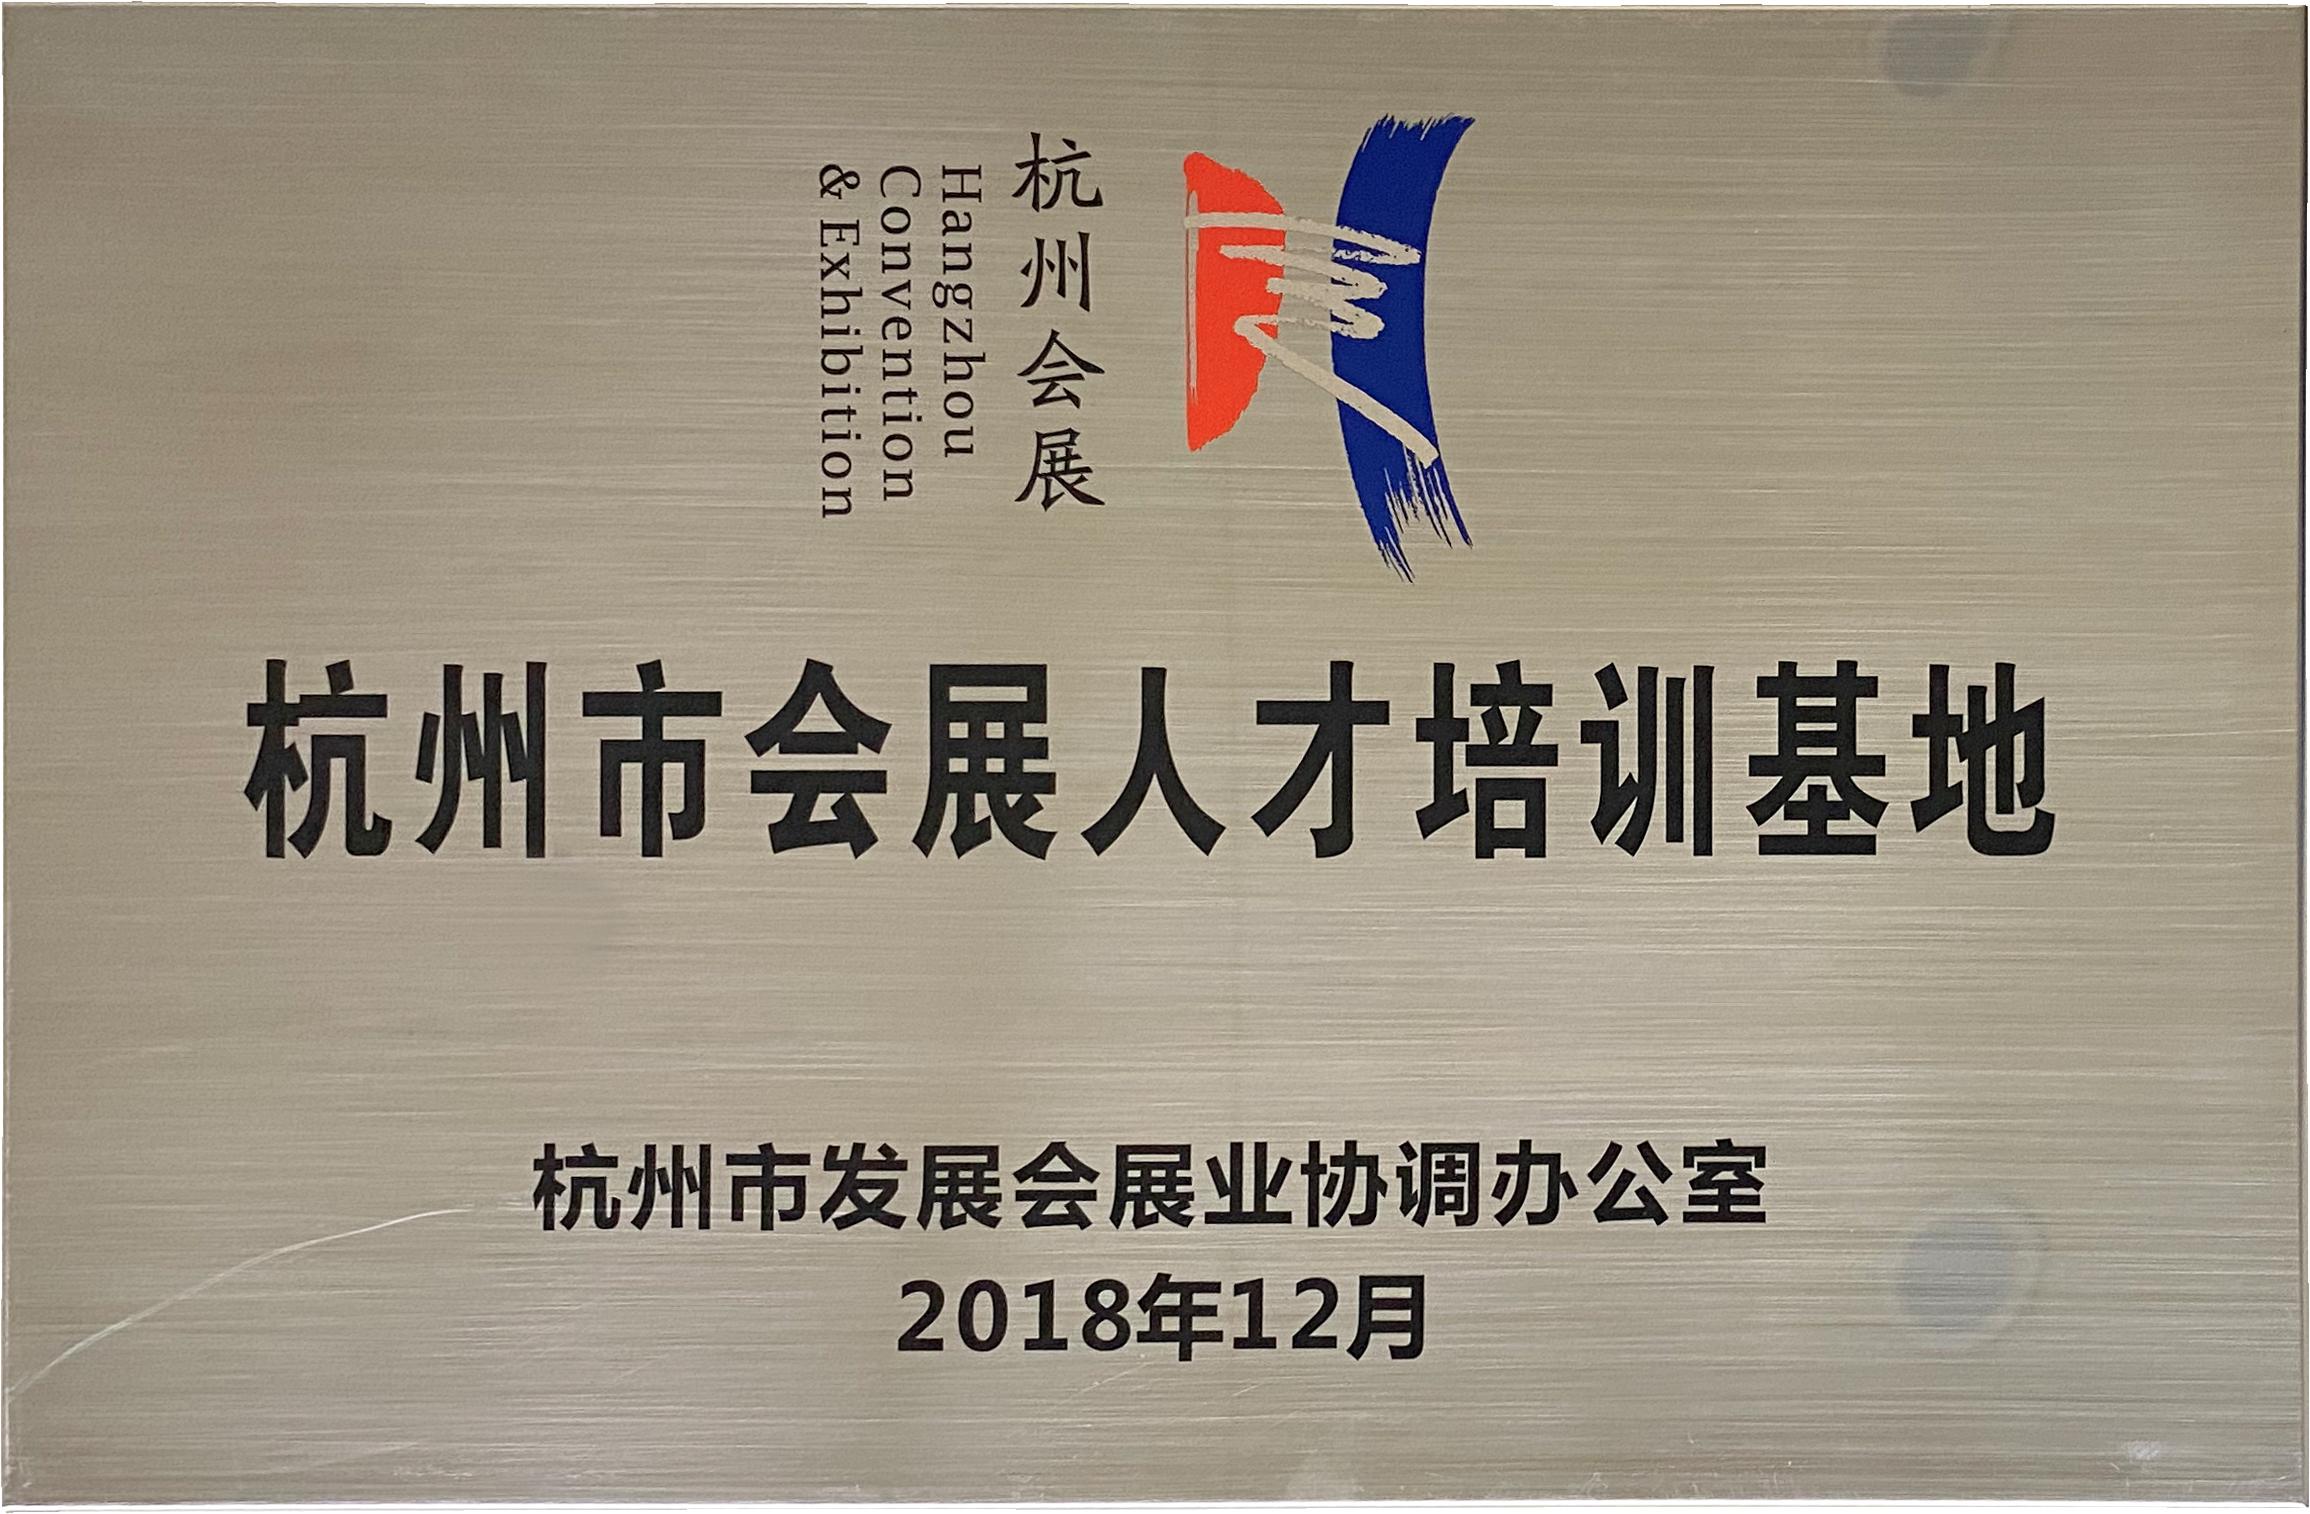 杭州市会展人才培训基地